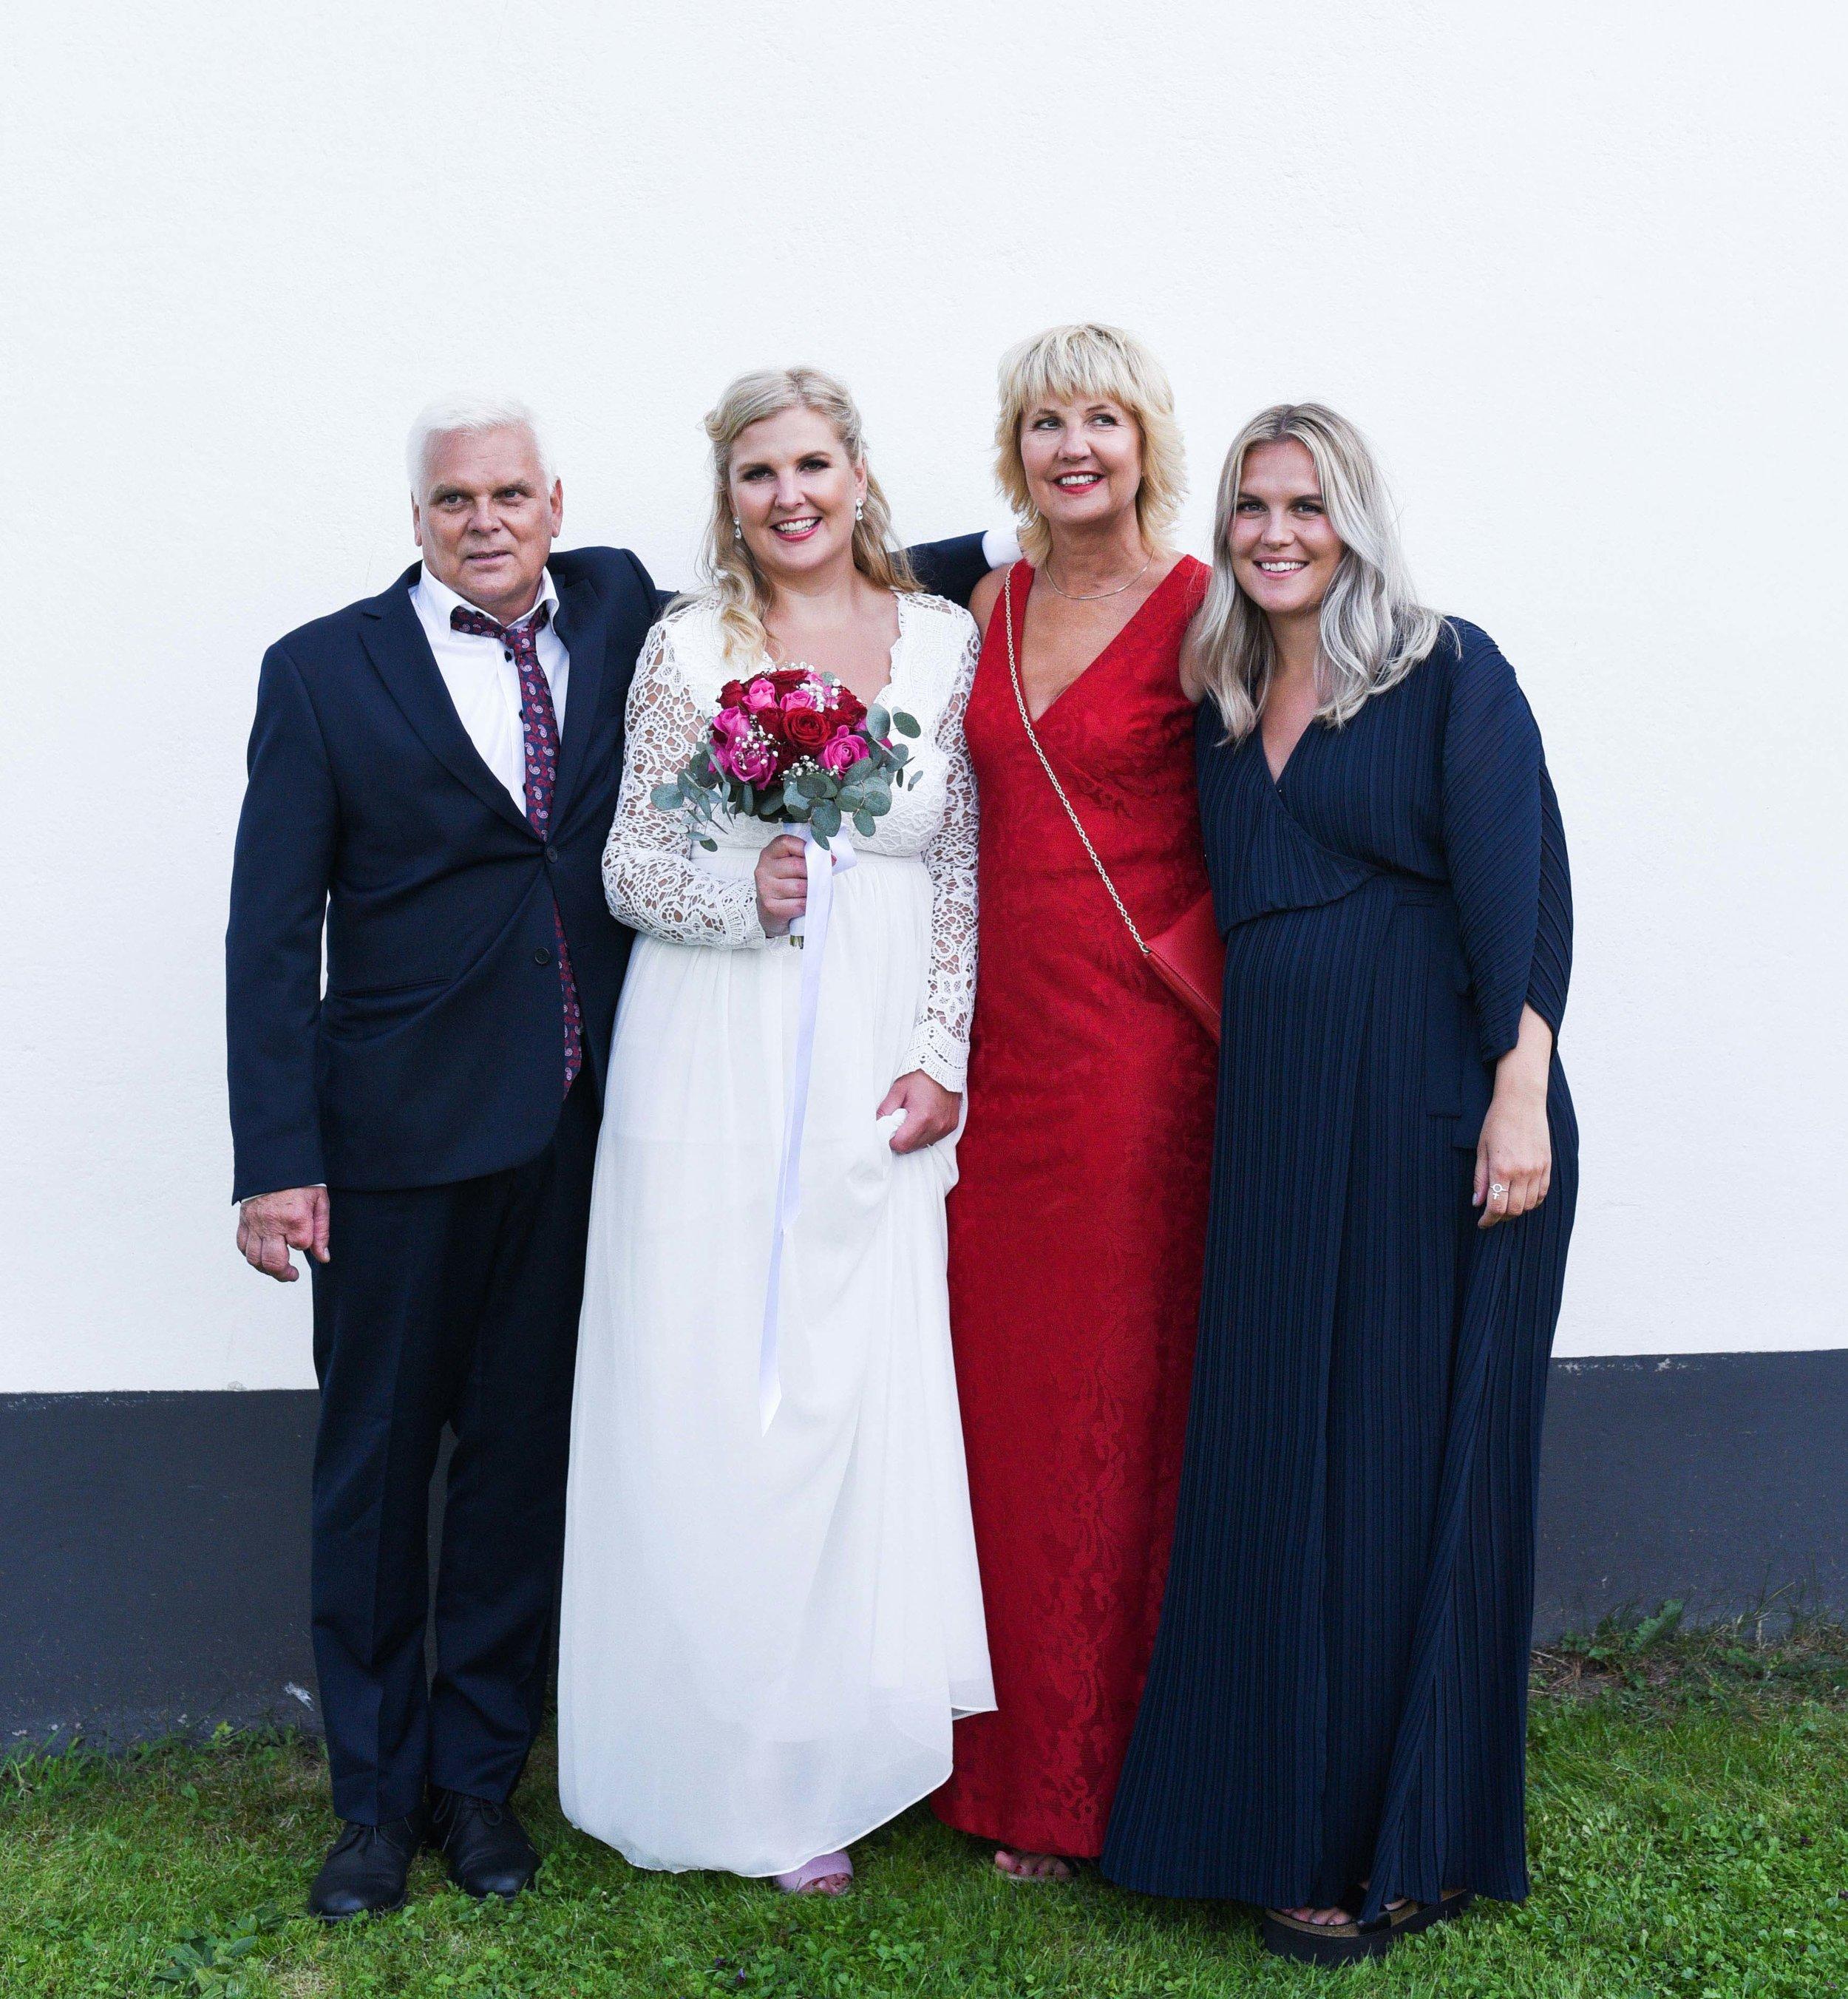 Bröllop2019lågkvall2-5718.jpg